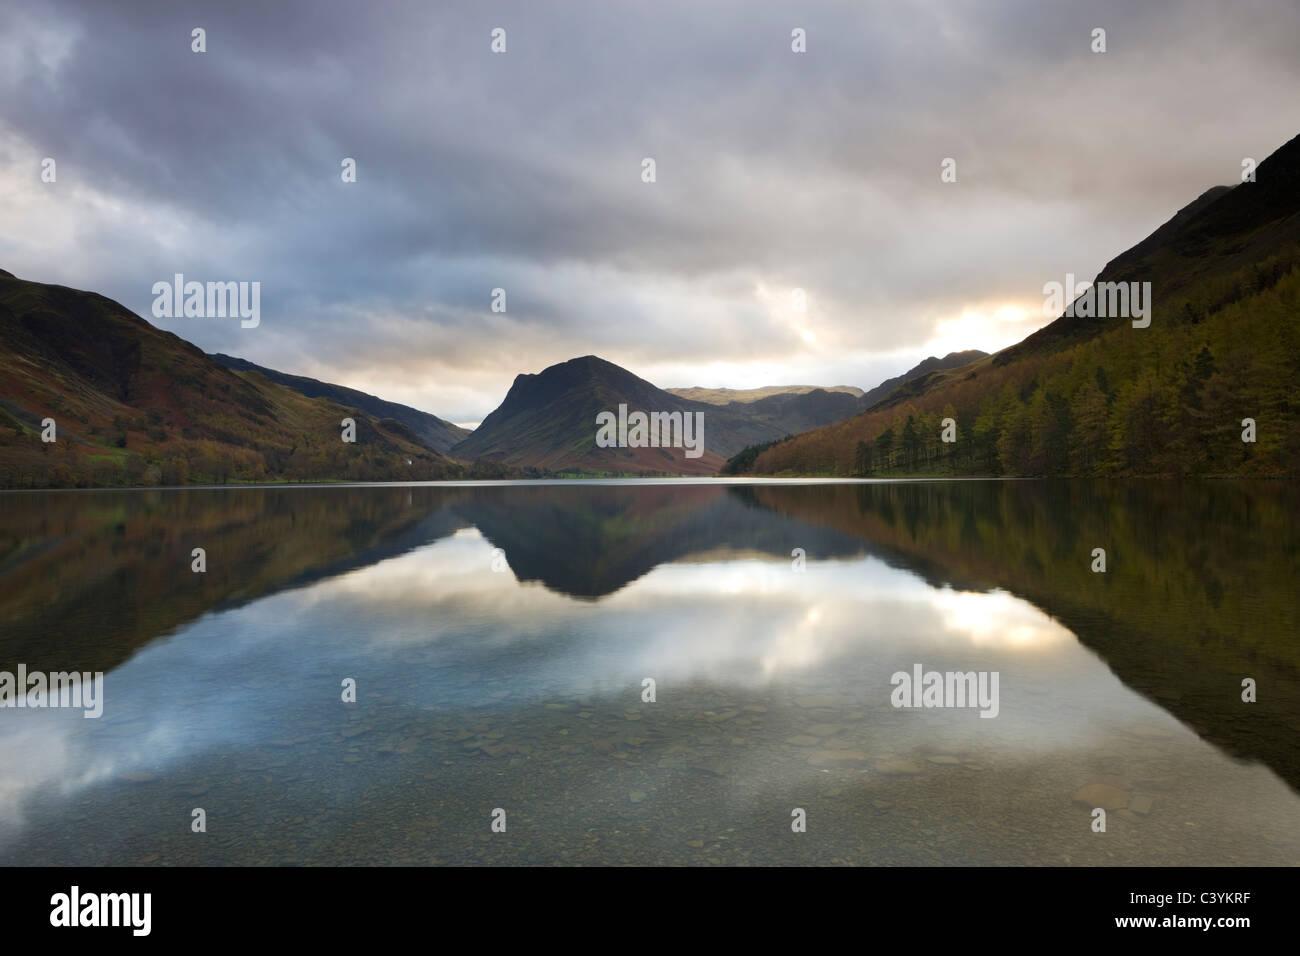 Buttermere Lake et Fleetwith Pike, Parc National de Lake District, Cumbria, Angleterre. L'automne (novembre) Photo Stock